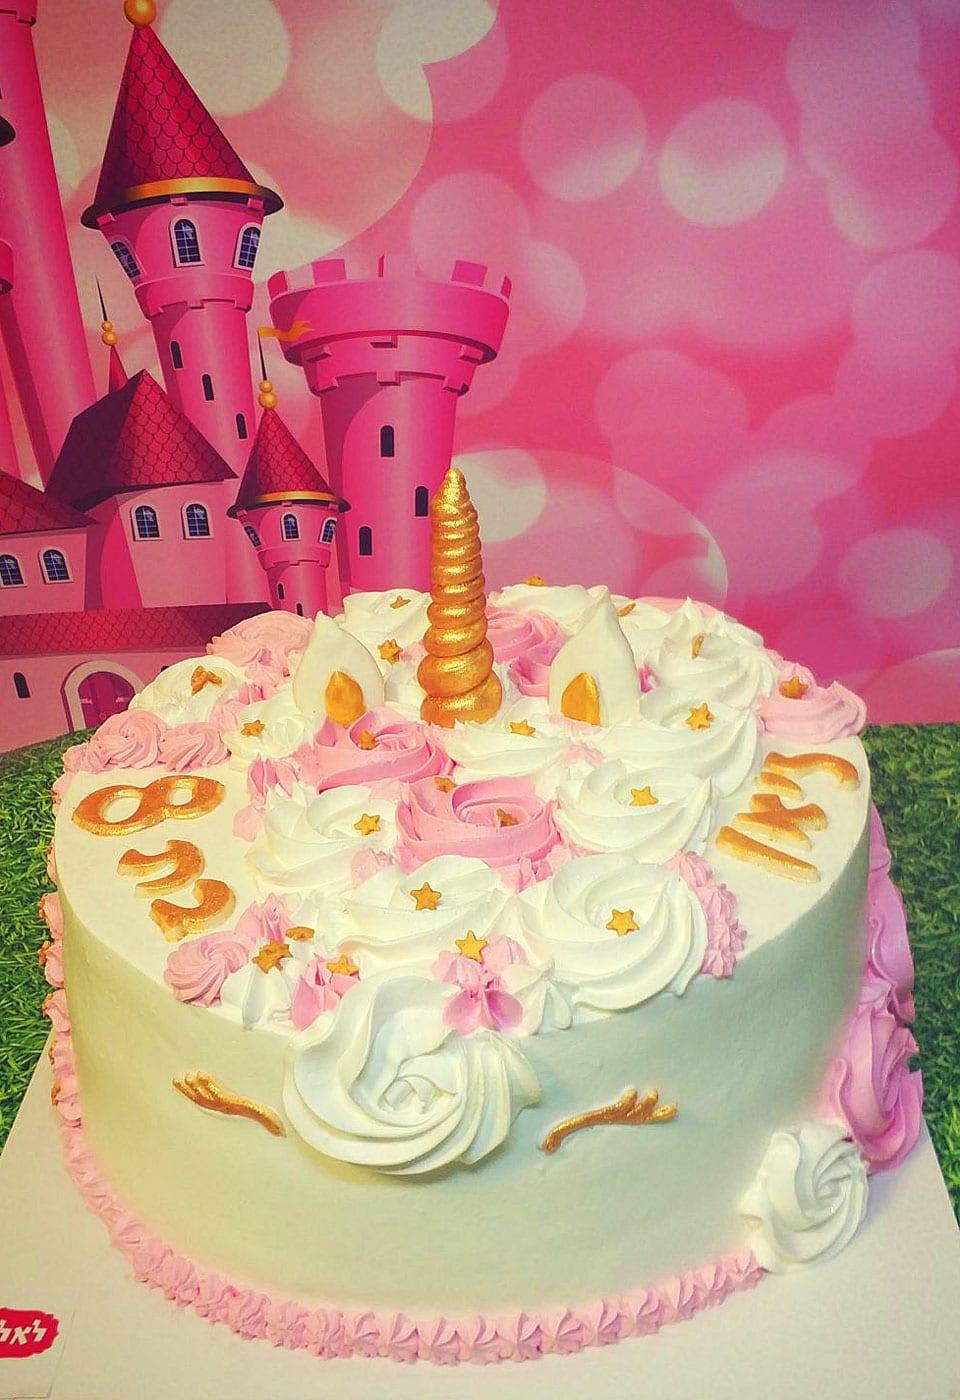 עוגת יום הולדת ליאן בת 8